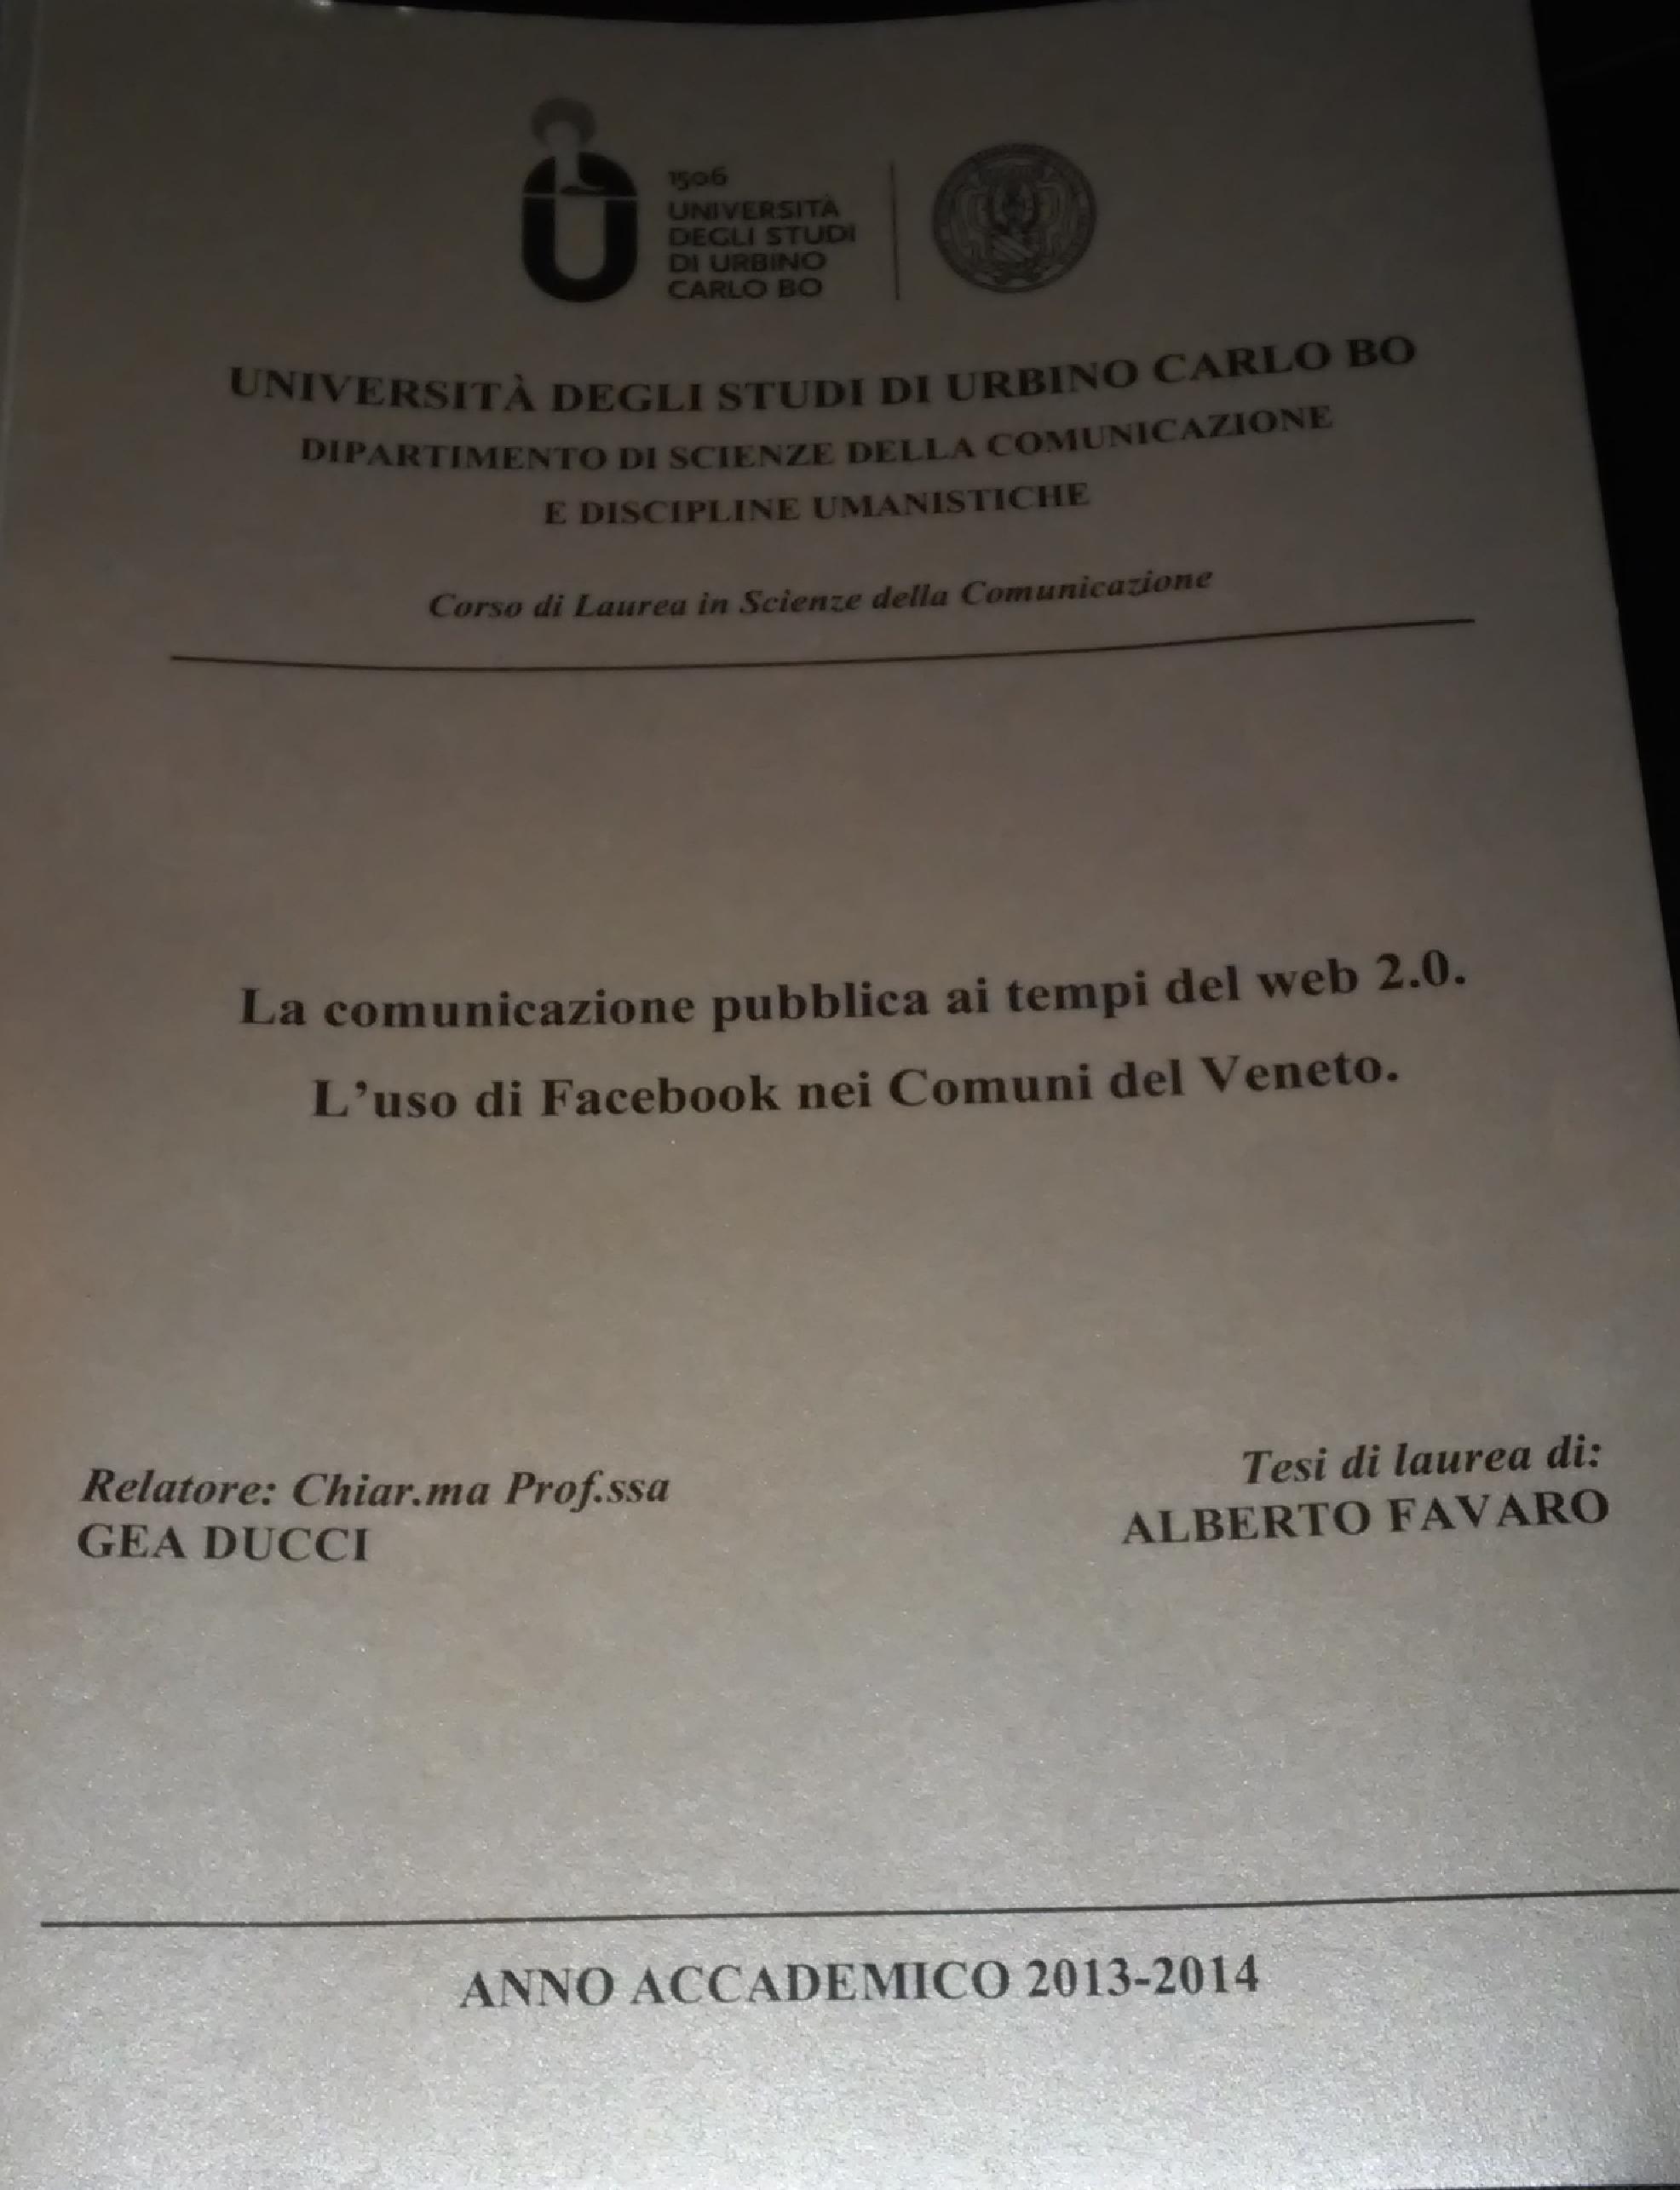 Anteprima della tesi: La comunicazione pubblica ai tempi del web 2.0. L'uso di Facebook nei comuni del Veneto, Pagina 1